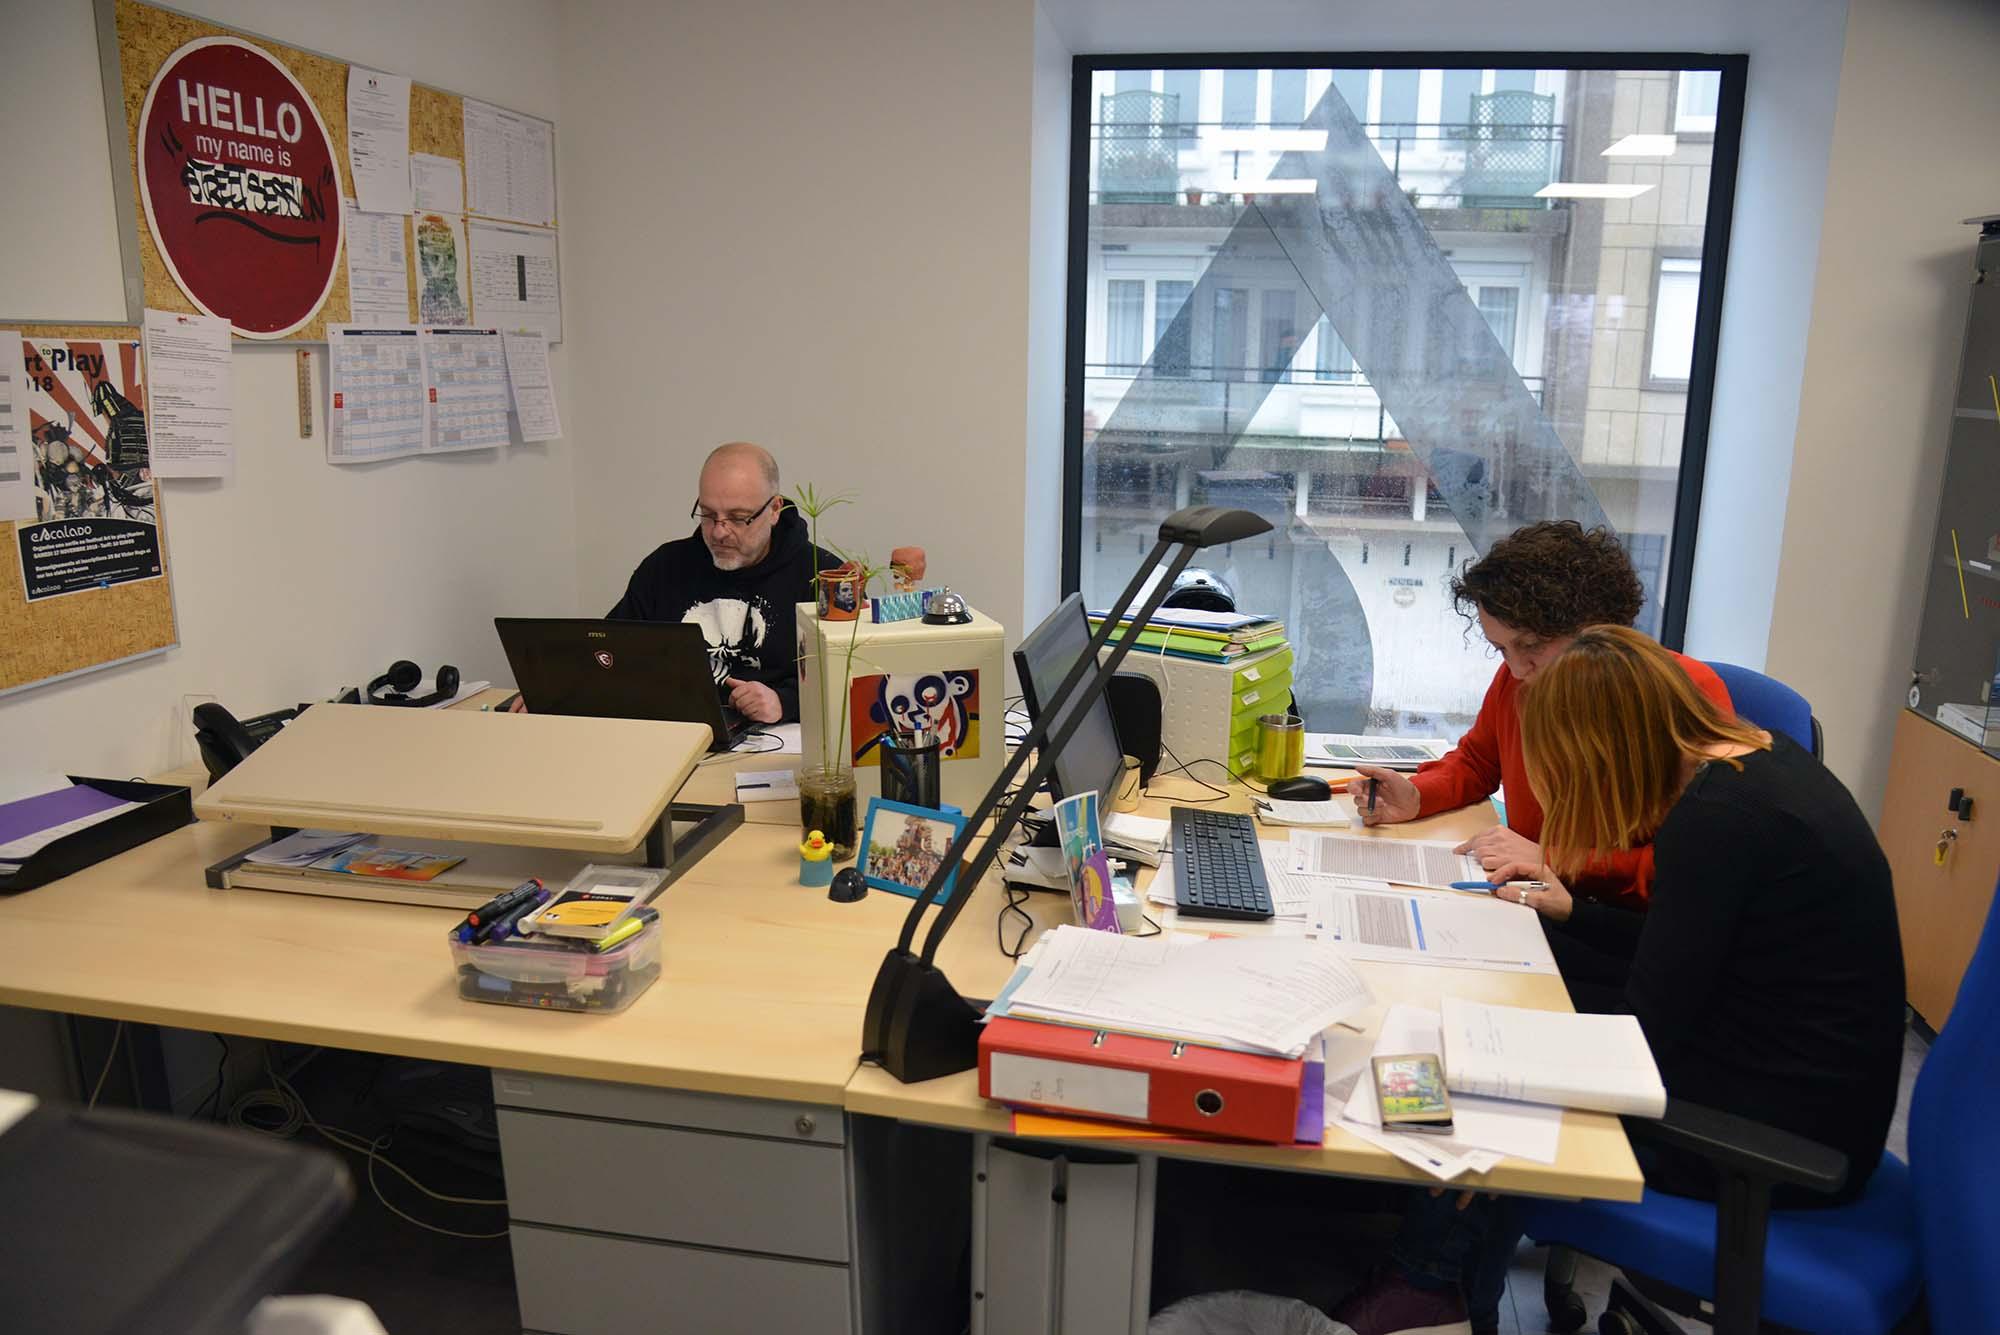 Le nouveau siège d'Escalado, ex-OMJ, au 49 rue Jean Jaurès à Saint-Nazaire. (@Ville de Saint-Nazaire - Christian Robert)